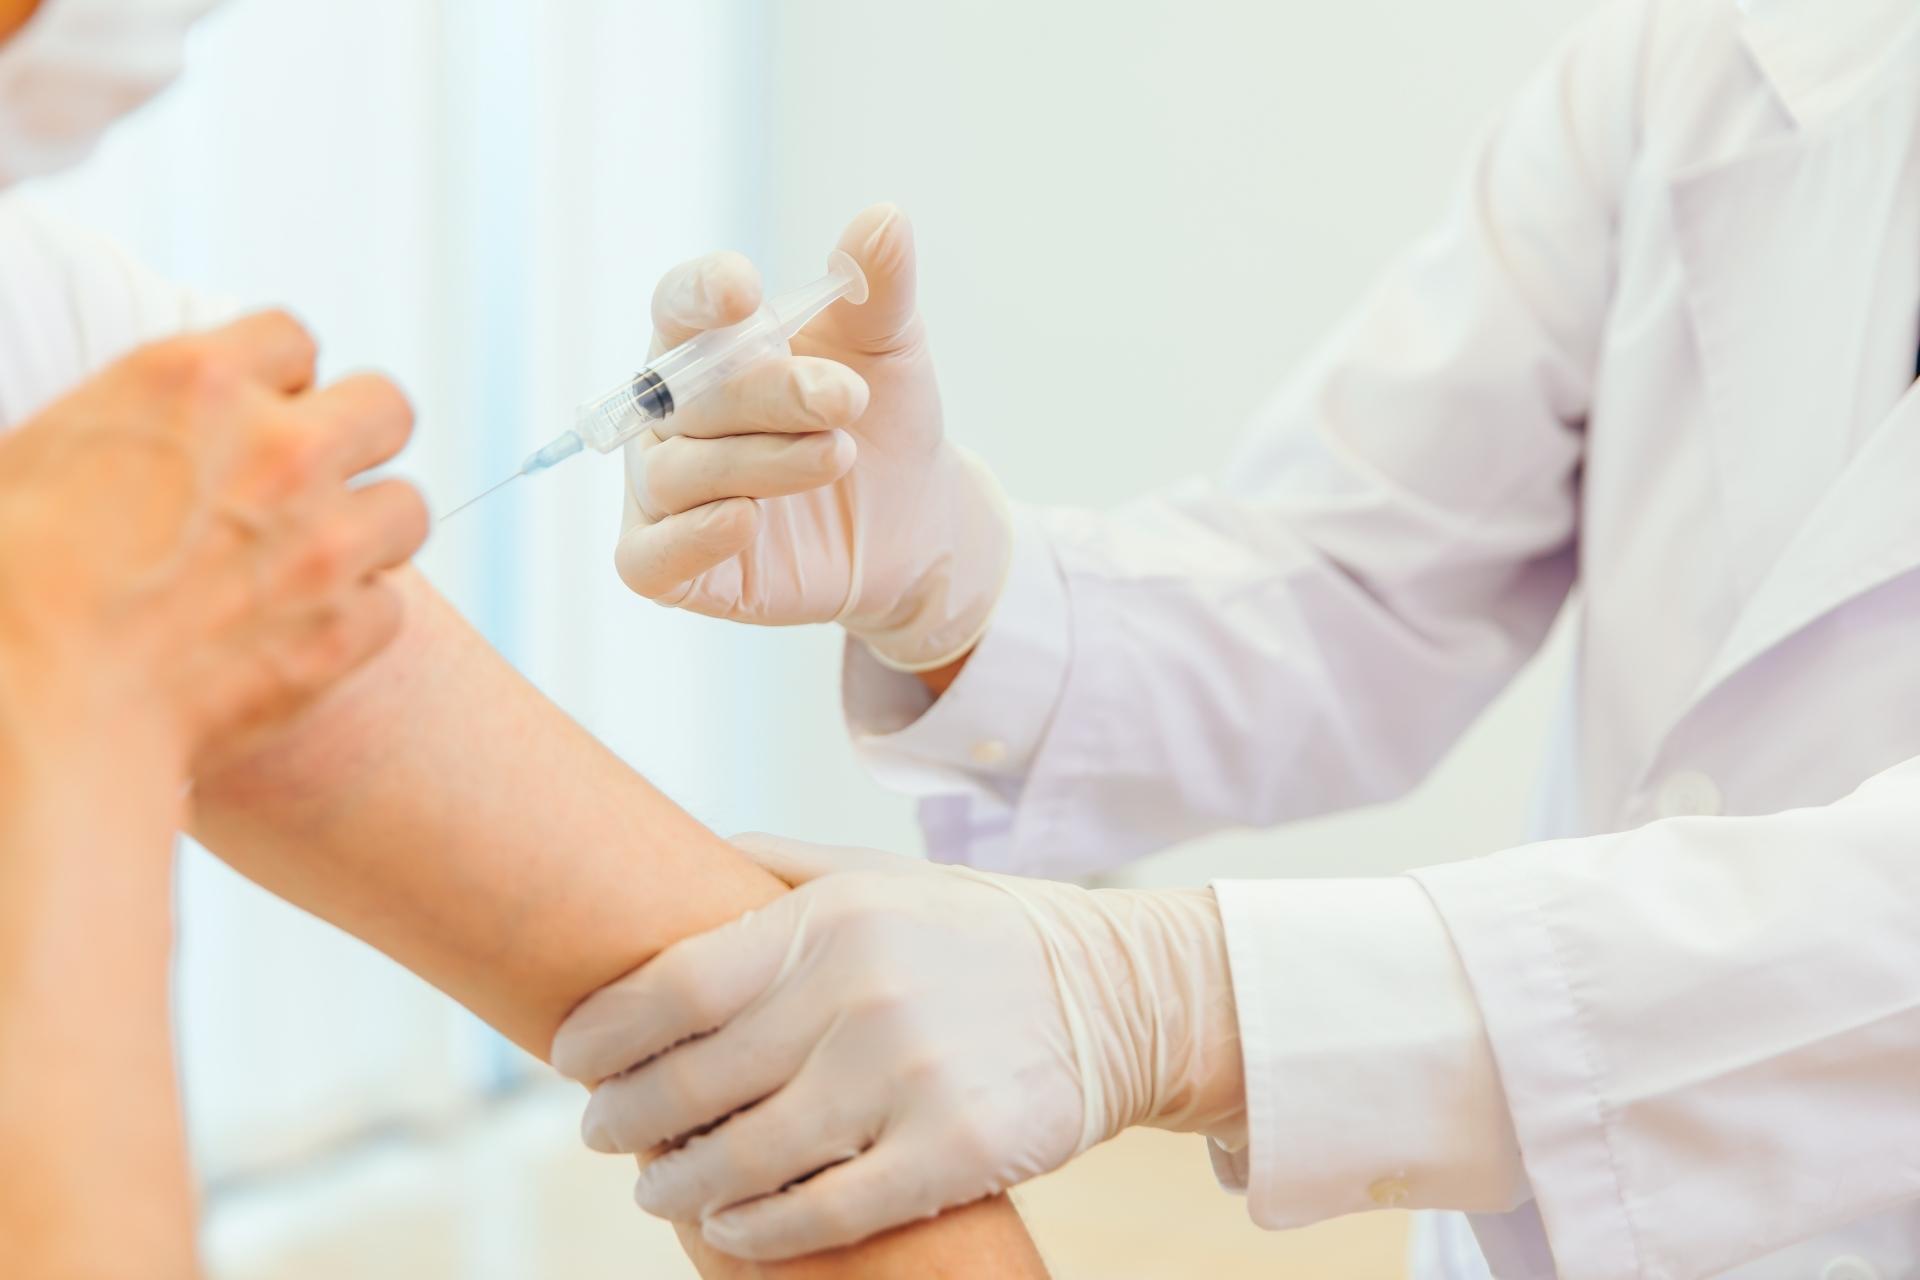 クリーブウェア、ワクチン接種をサポートする 「新型コロナウイルスワクチン特別休暇」を7月から導入